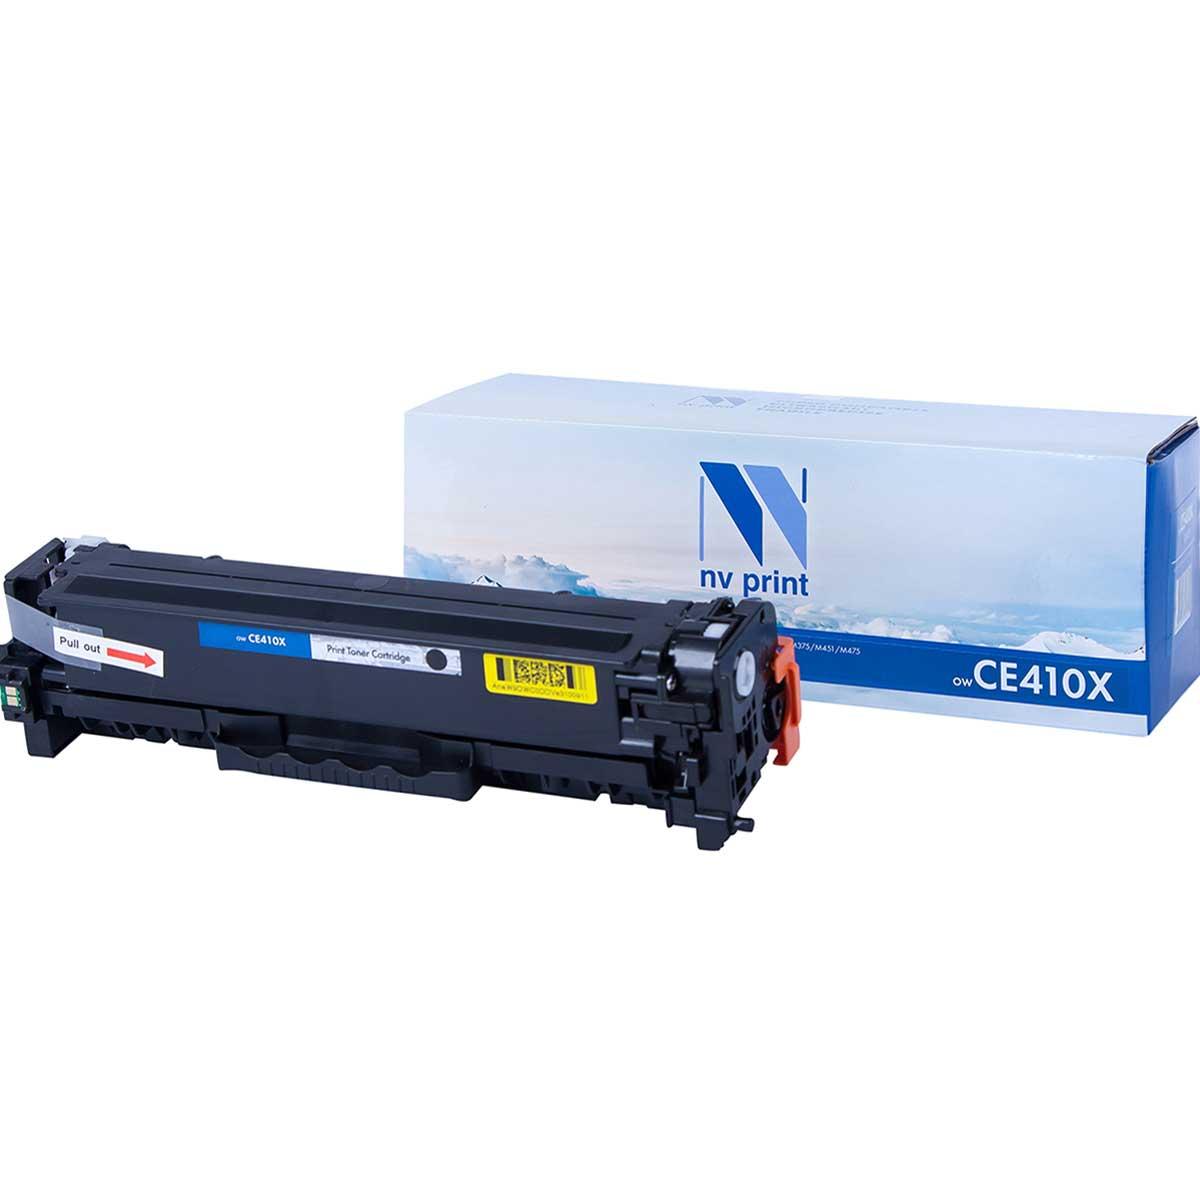 Картридж для лазерного принтера NV Print CE410XBK, черный фото